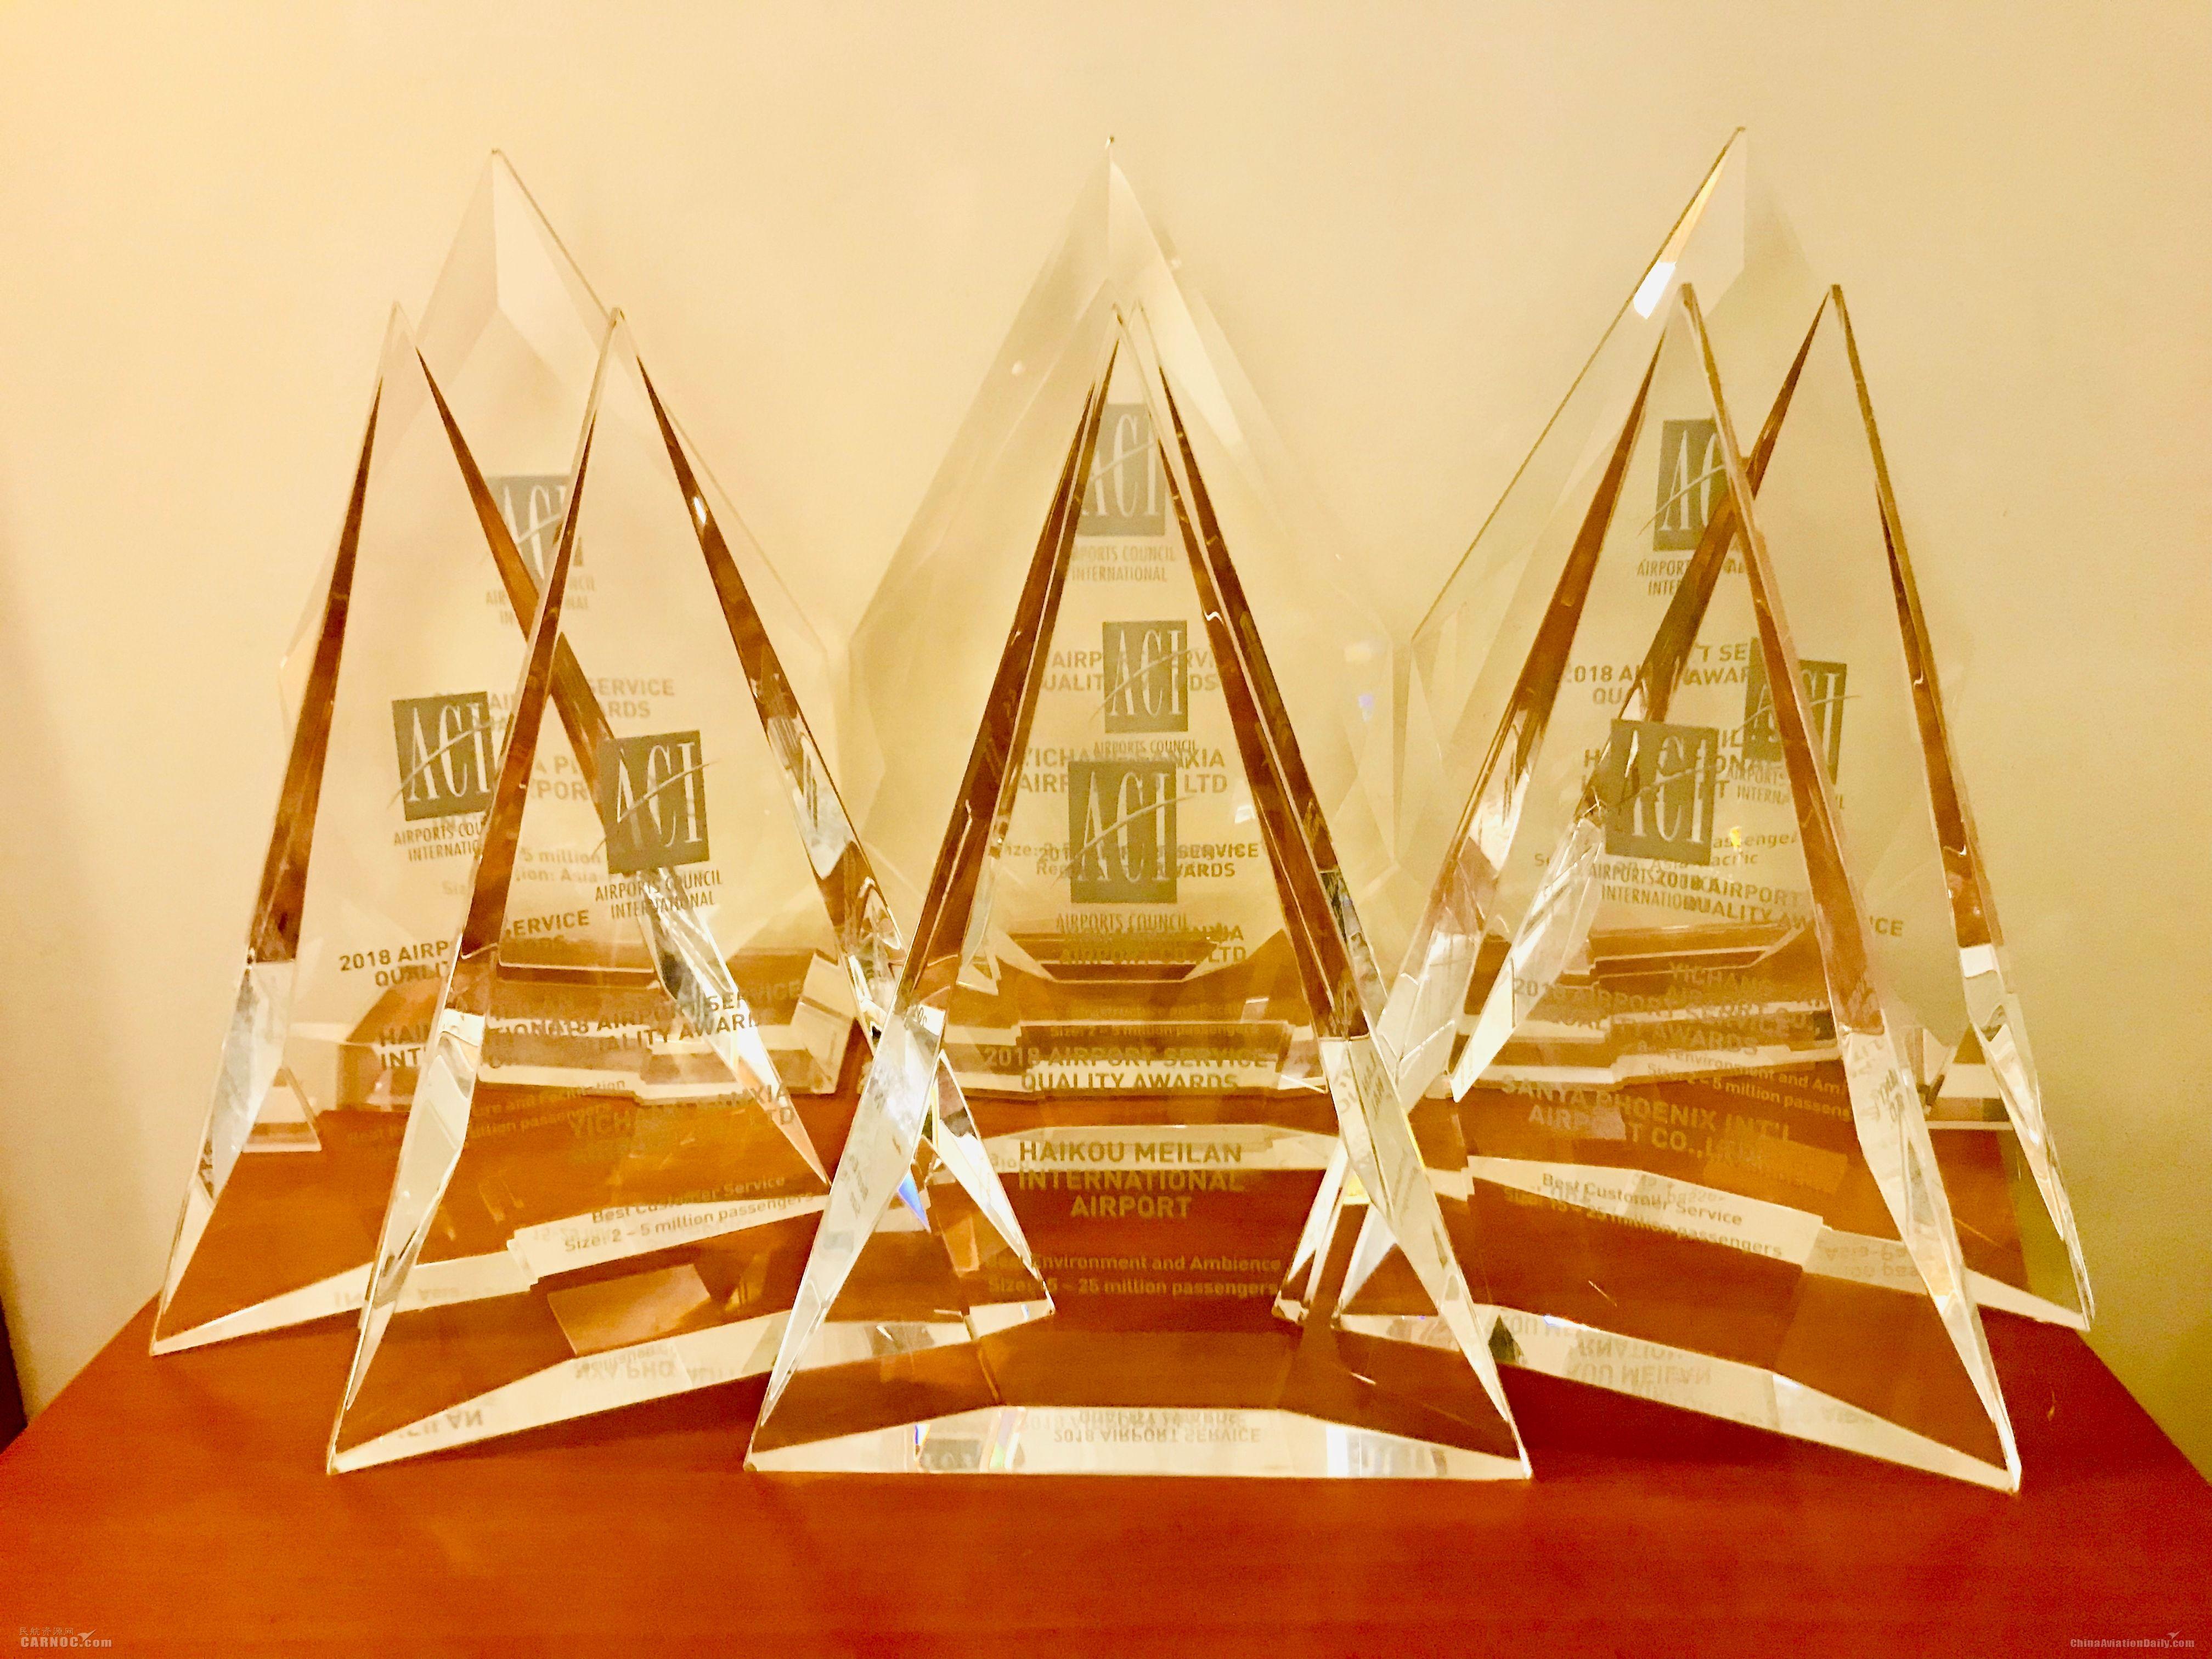 海航机场集团揽获ASQ九项世界大奖 彰显世界级航空机场品牌风范